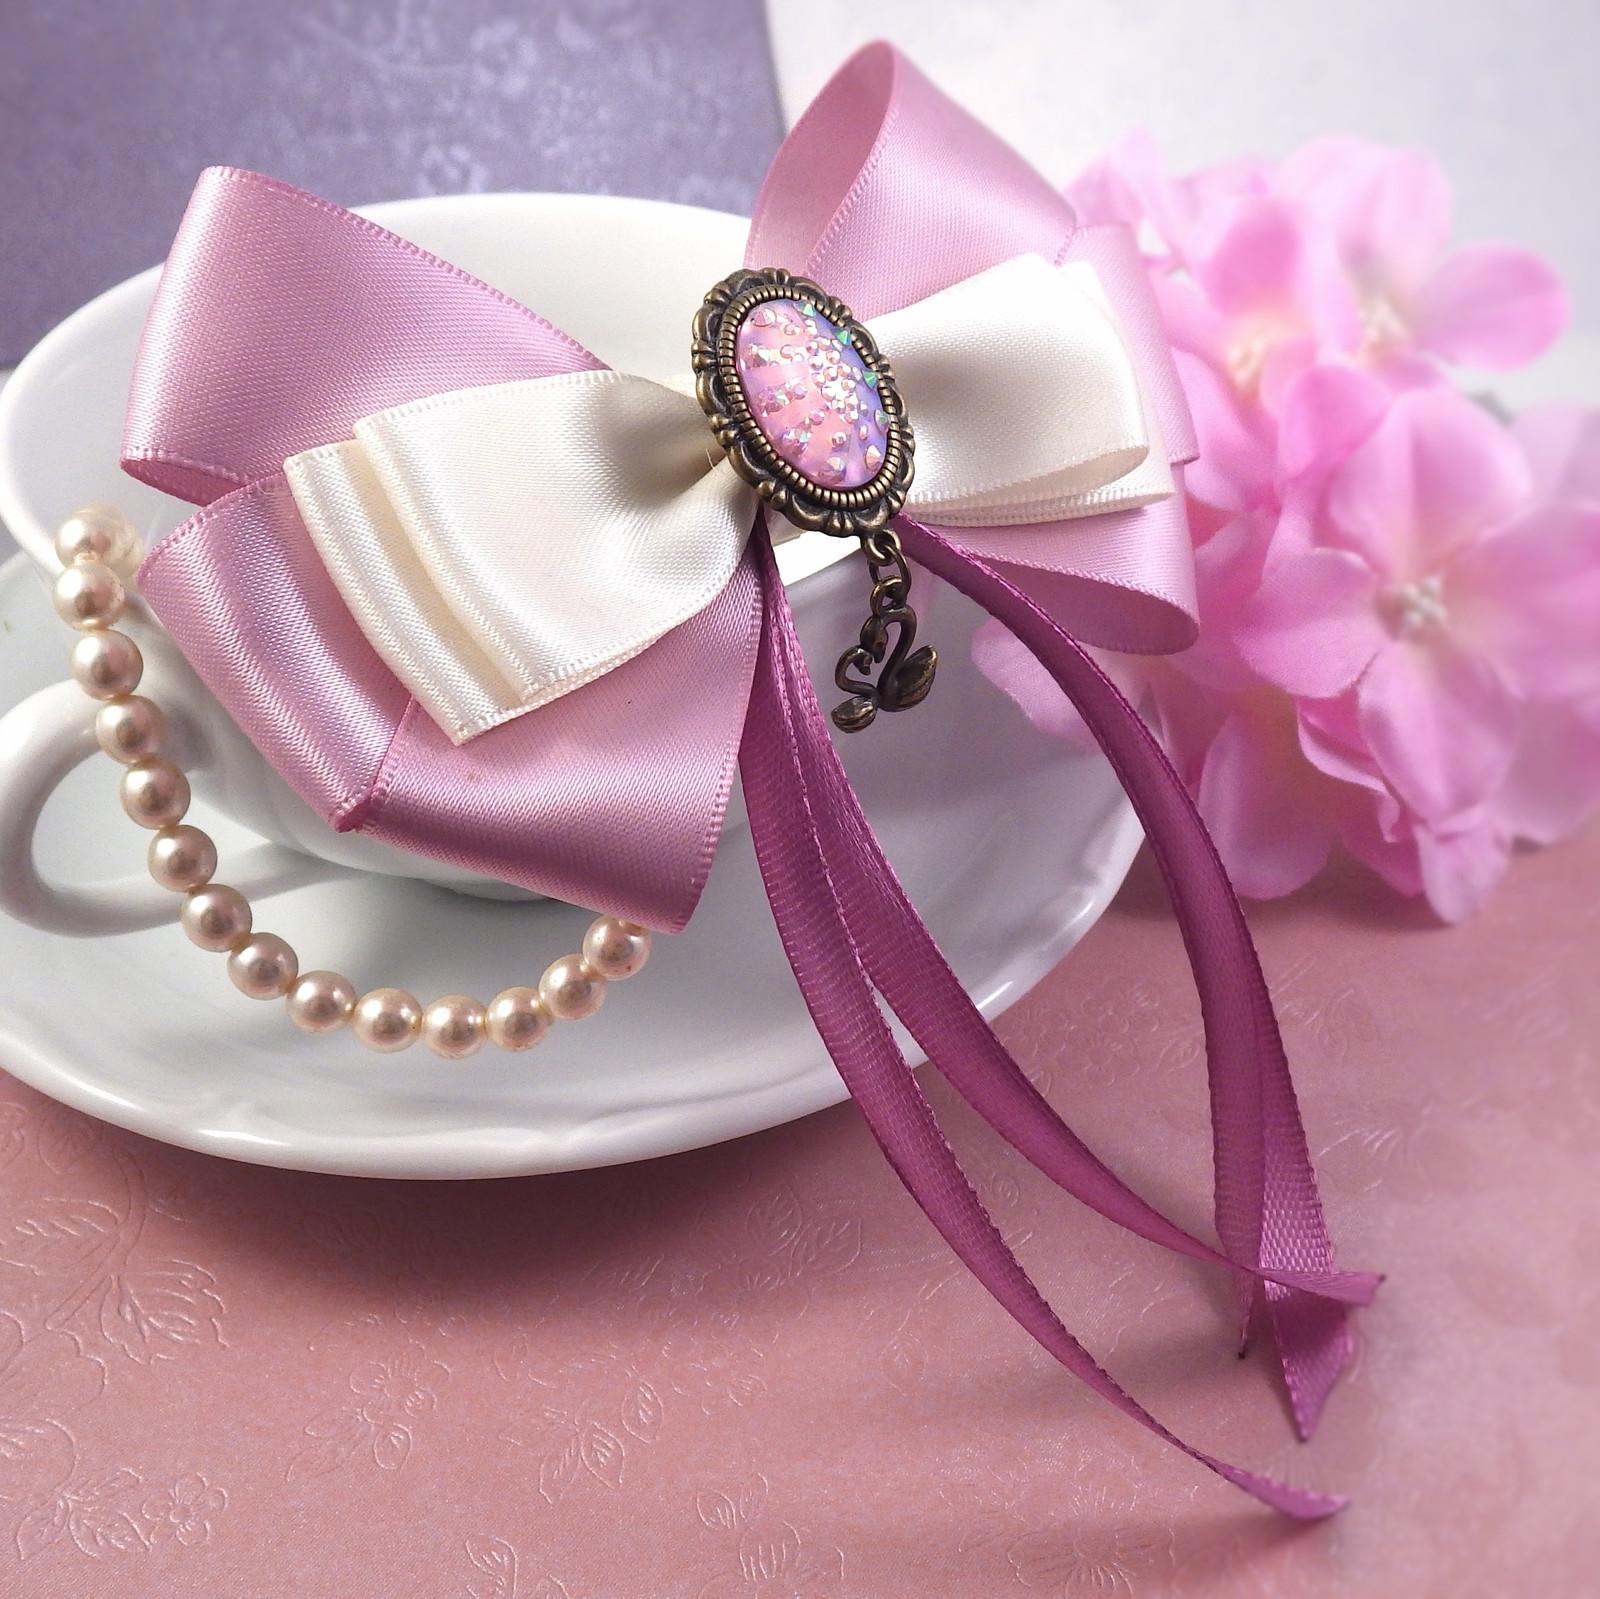 904c6c3890f Mašle do vlasů - něžná růžová   Zboží prodejce Rosadko